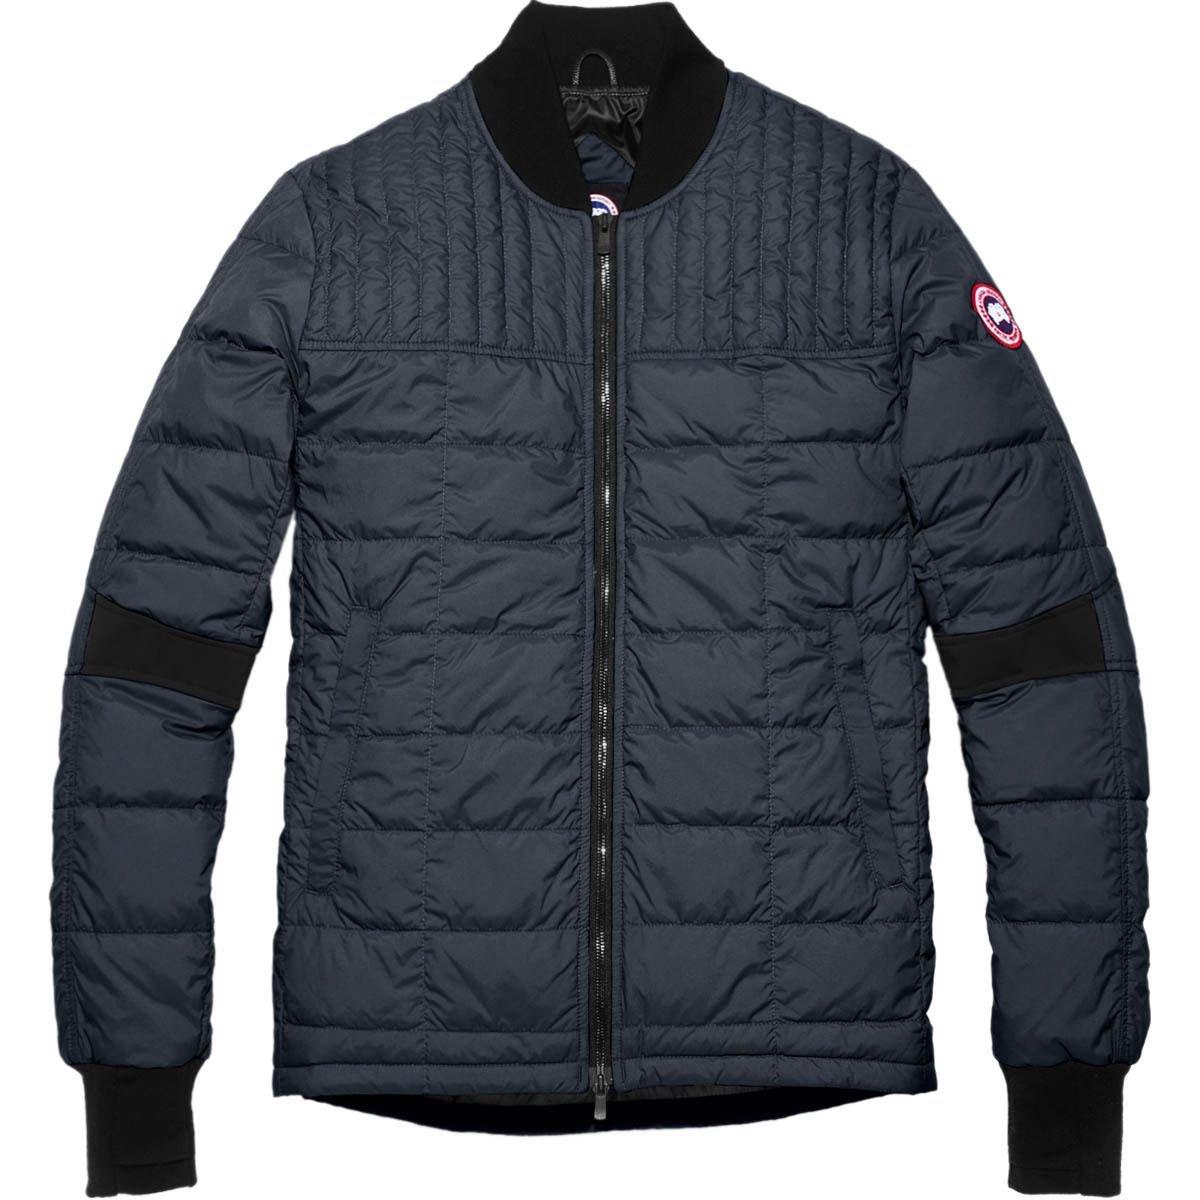 (カナダグース)Canada Goose Dunham Jacket メンズ ジャケットPolar Sea [並行輸入品] B0797N2287 日本サイズ LL (US L)|Polar Sea Polar Sea 日本サイズ LL (US L)